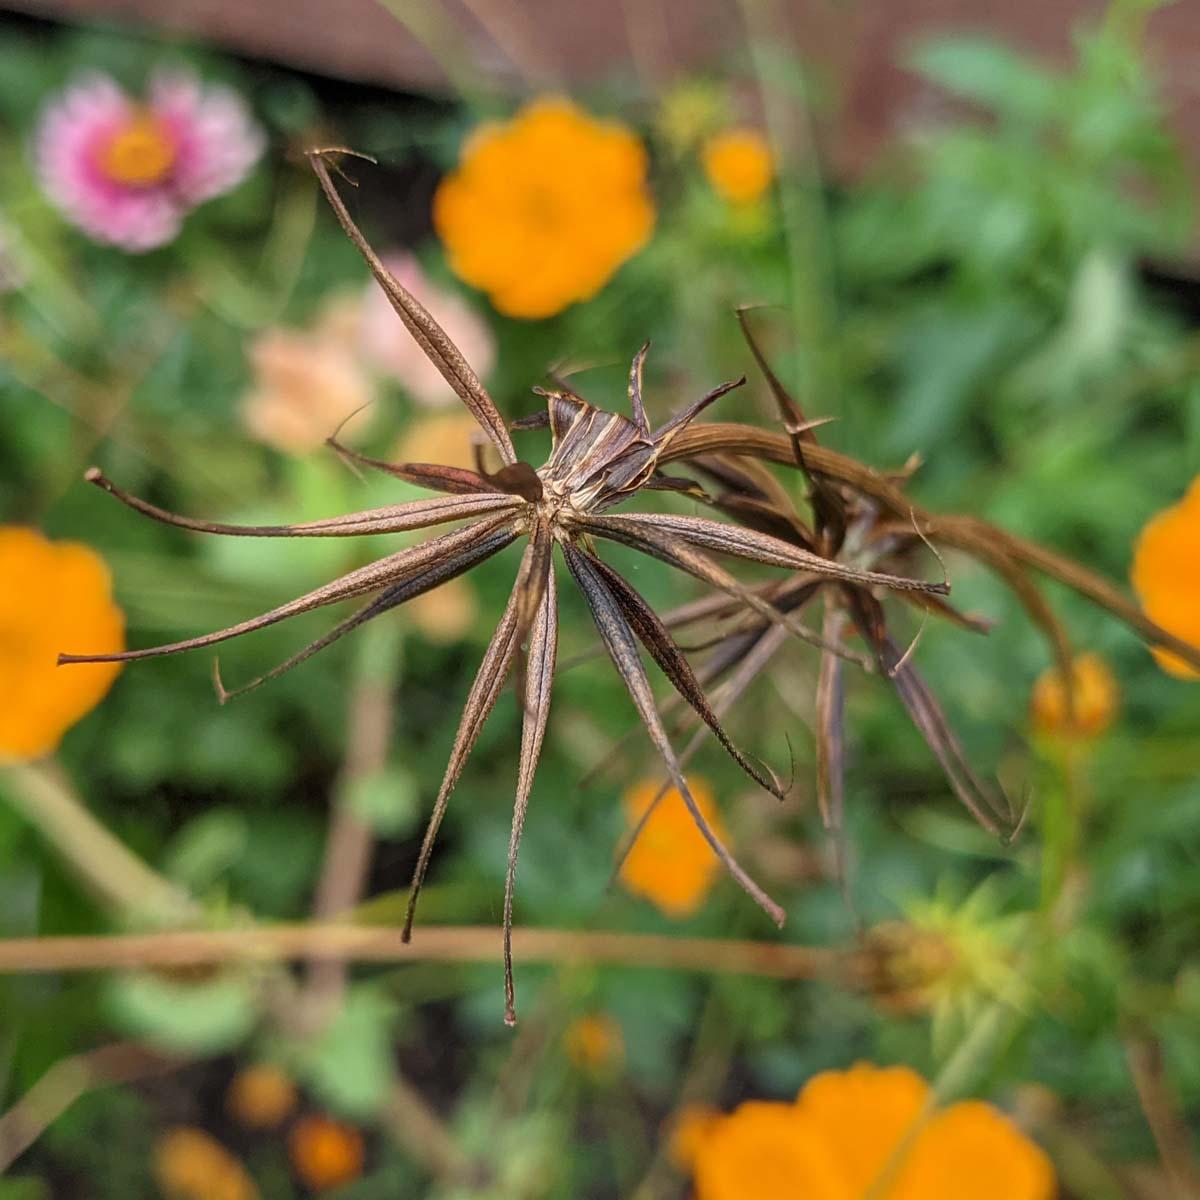 October Garden | 9 Things to Do in the Garden in October